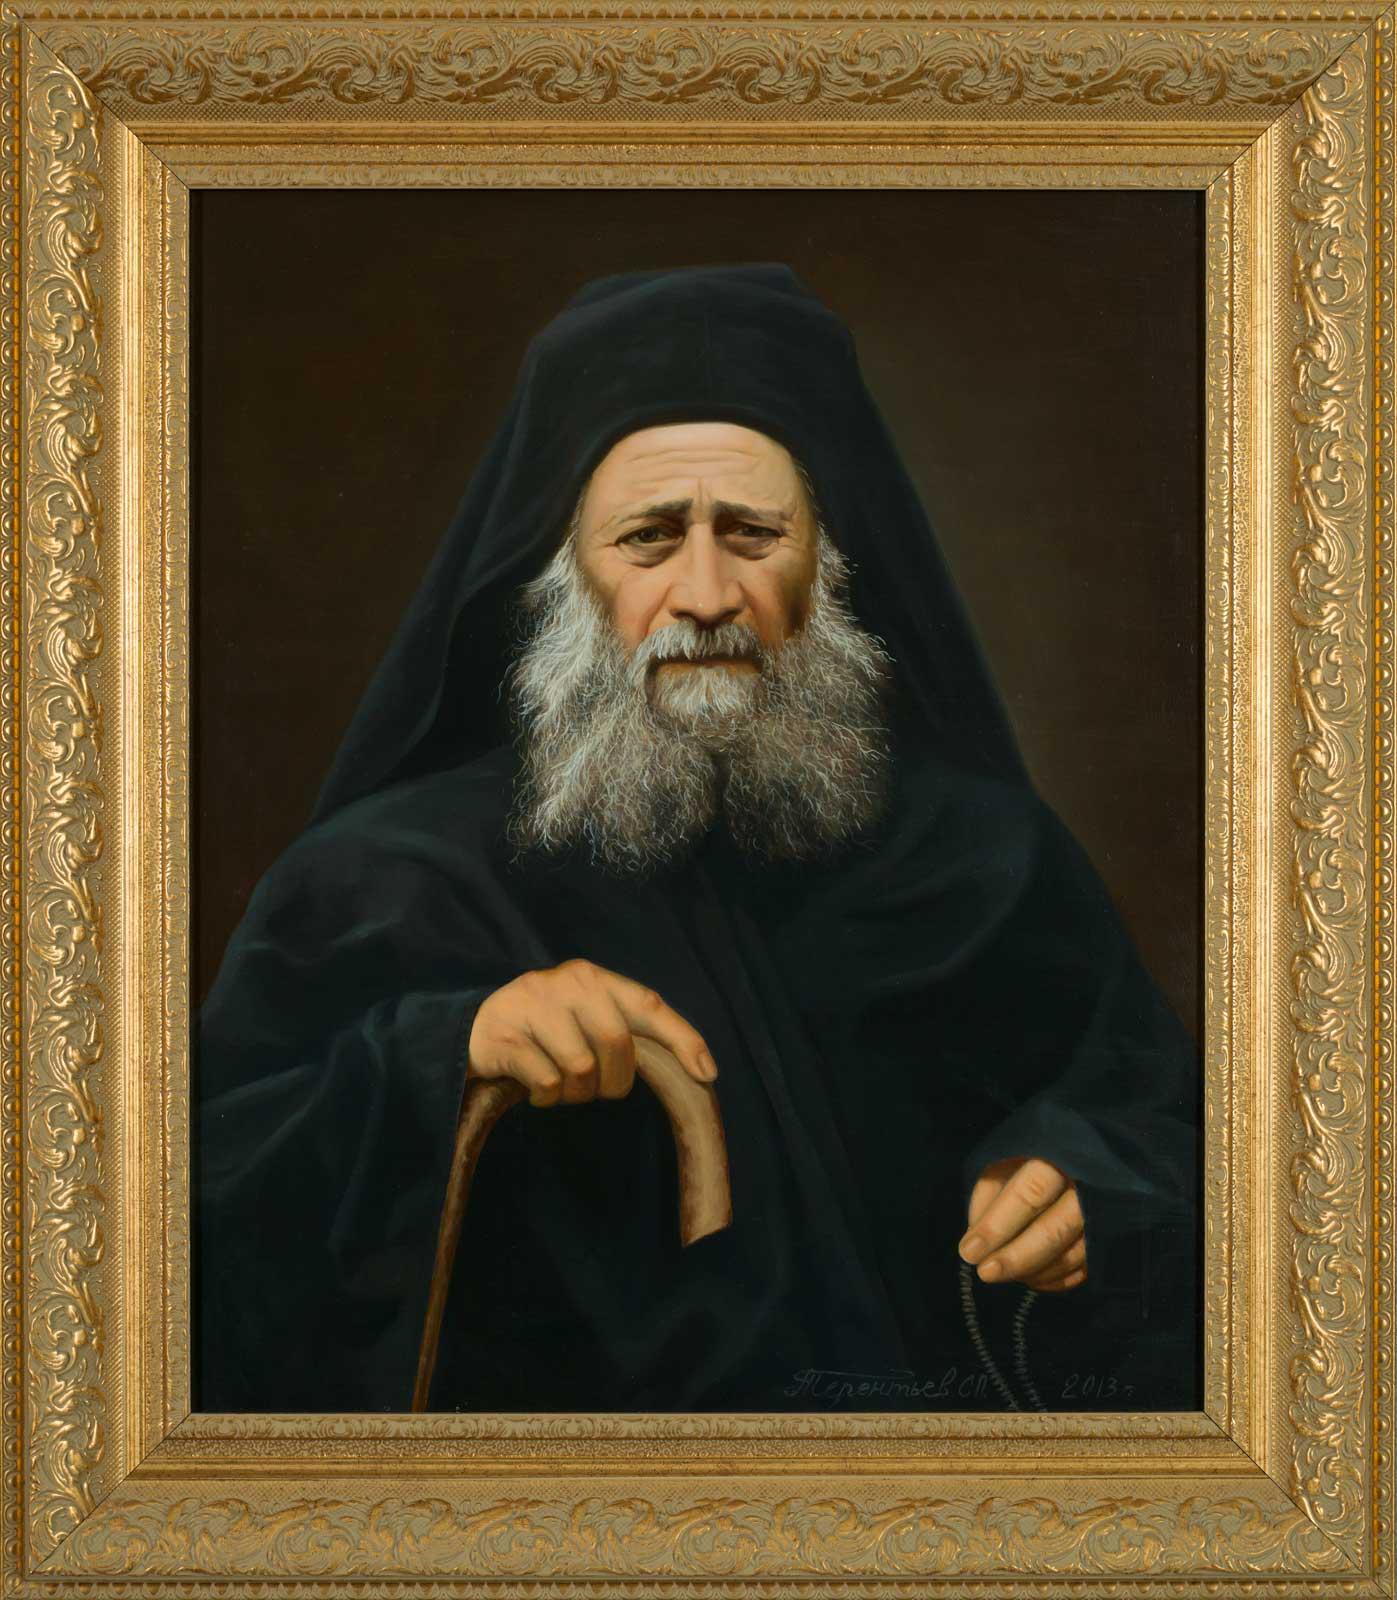 Bătrânul Iosif Isihastul (Gheron Iosif), Bătrânii Daniil și Efrem Katunakiotul vor intra astăzi oficial în Calendarul Bisericii?